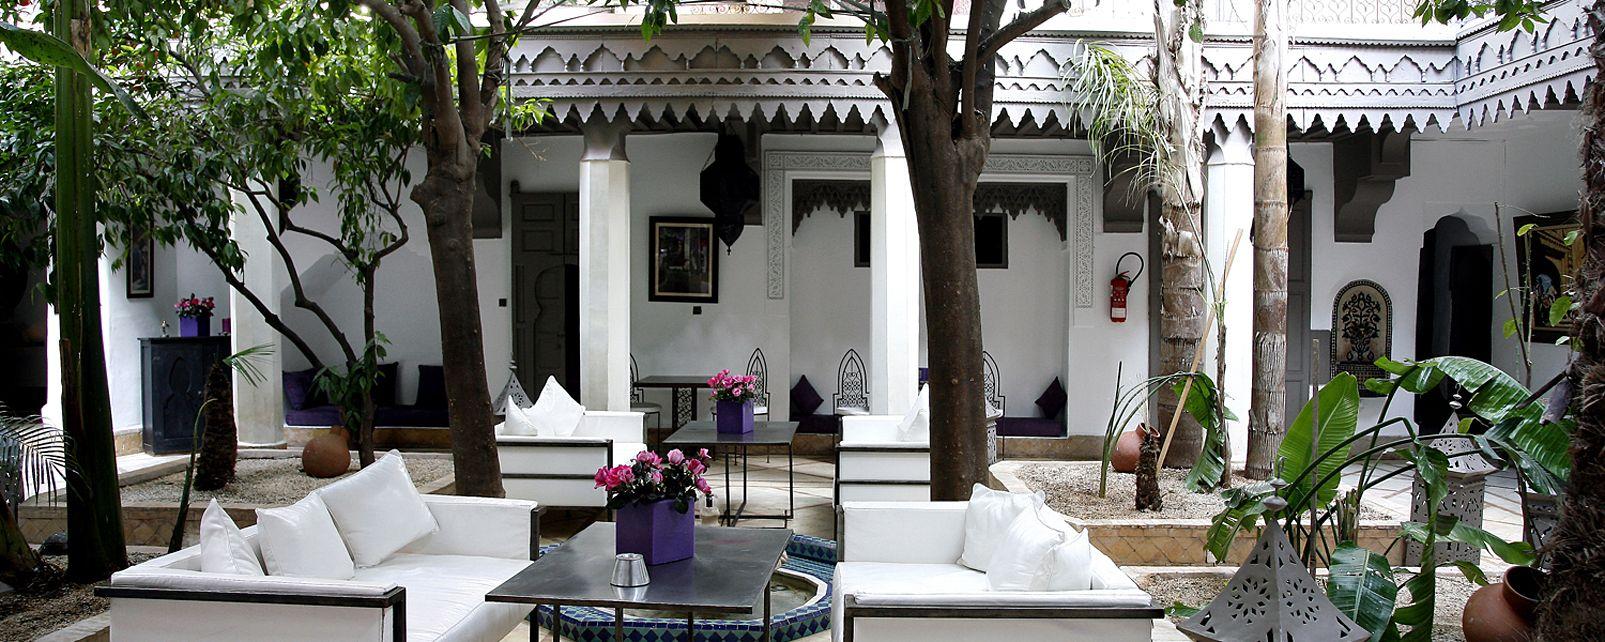 Hotel Les Jardins d'Henia